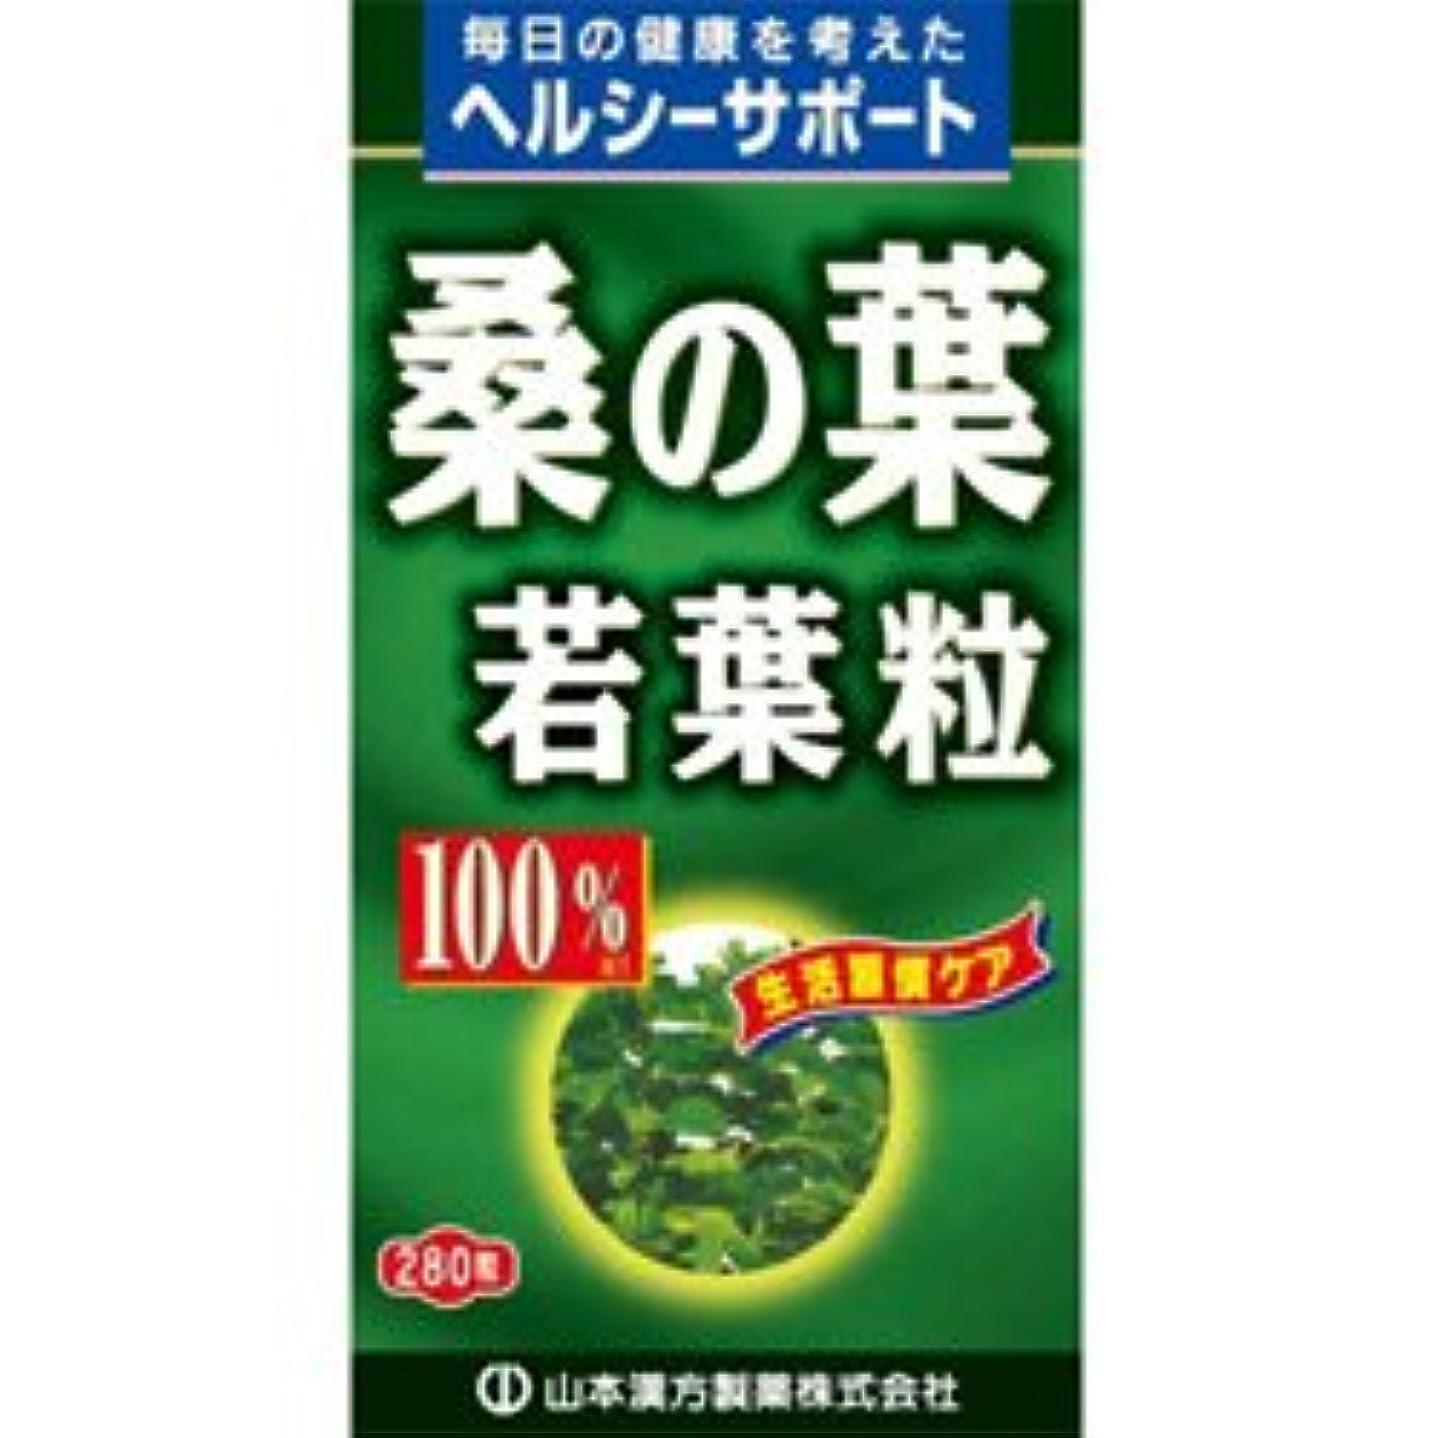 天窓動かない公平な【山本漢方製薬】桑の葉粒 100% 280粒 ×10個セット